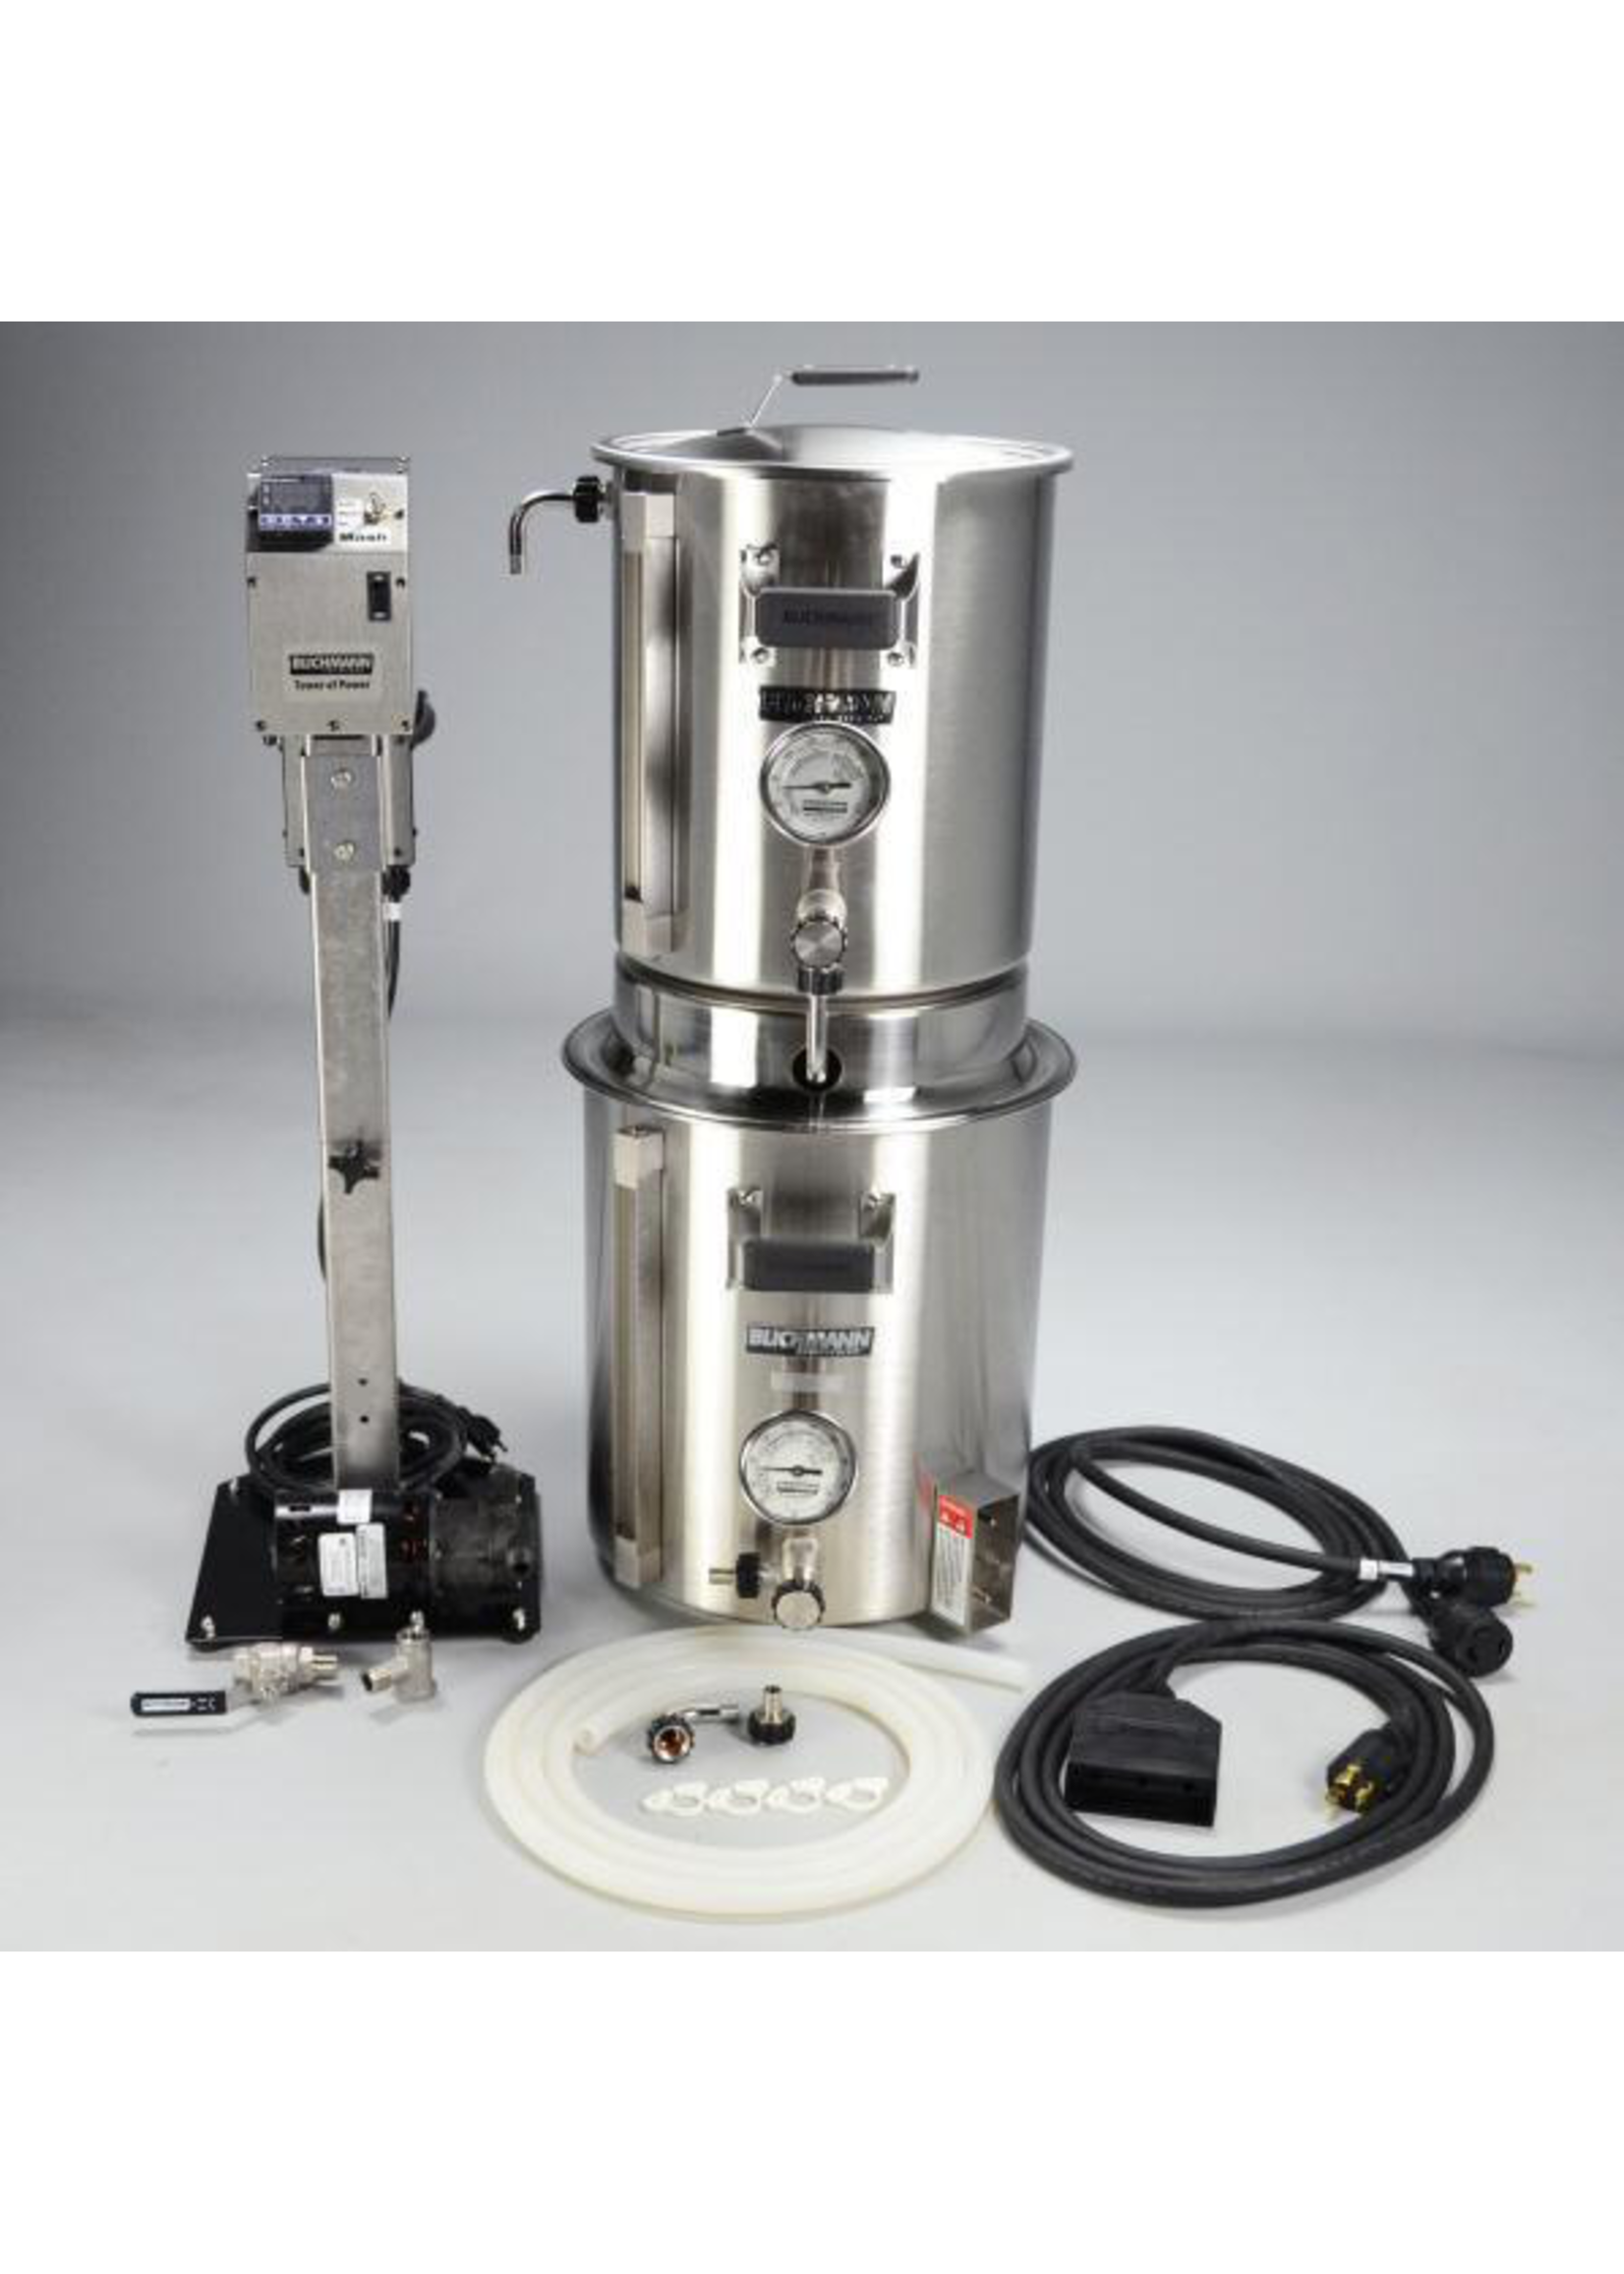 Blichmann Blichmann BrewEasy - Turnkey Kit - 120V LTE VERSION - 5 Gallon G2